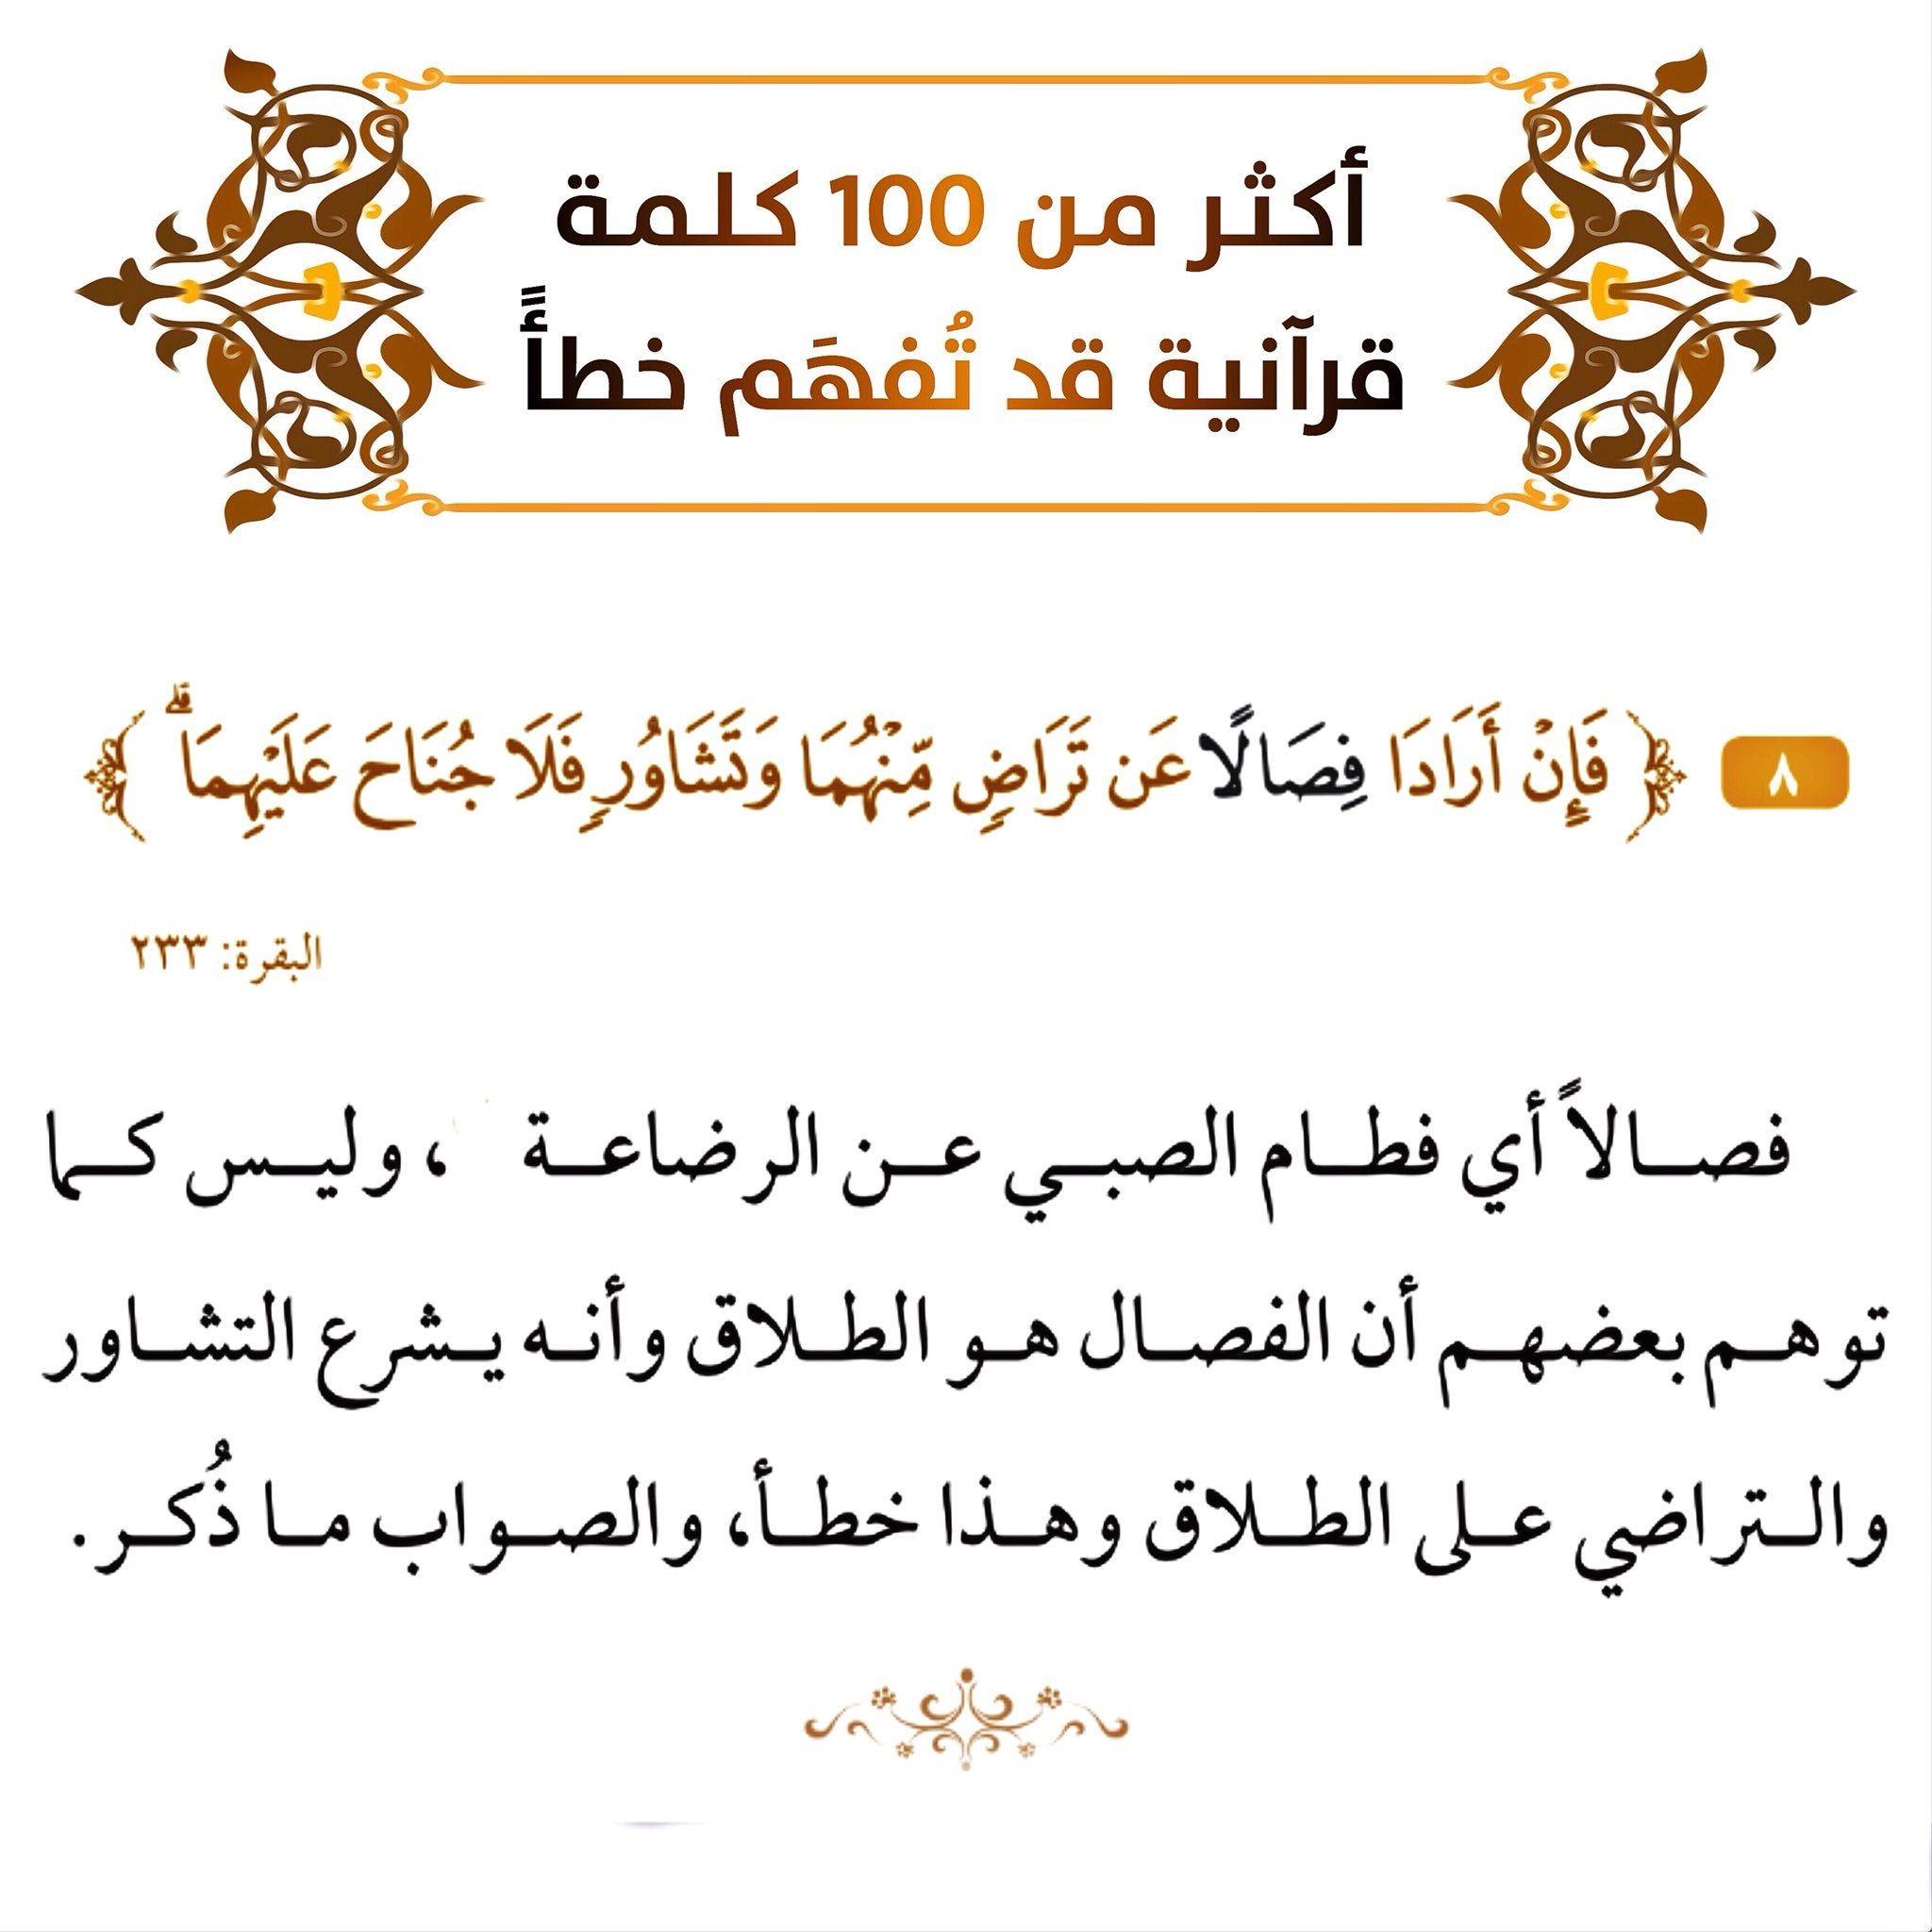 Pin On أكثر من 100 كلمة قرآنية قد تفهم خطأ